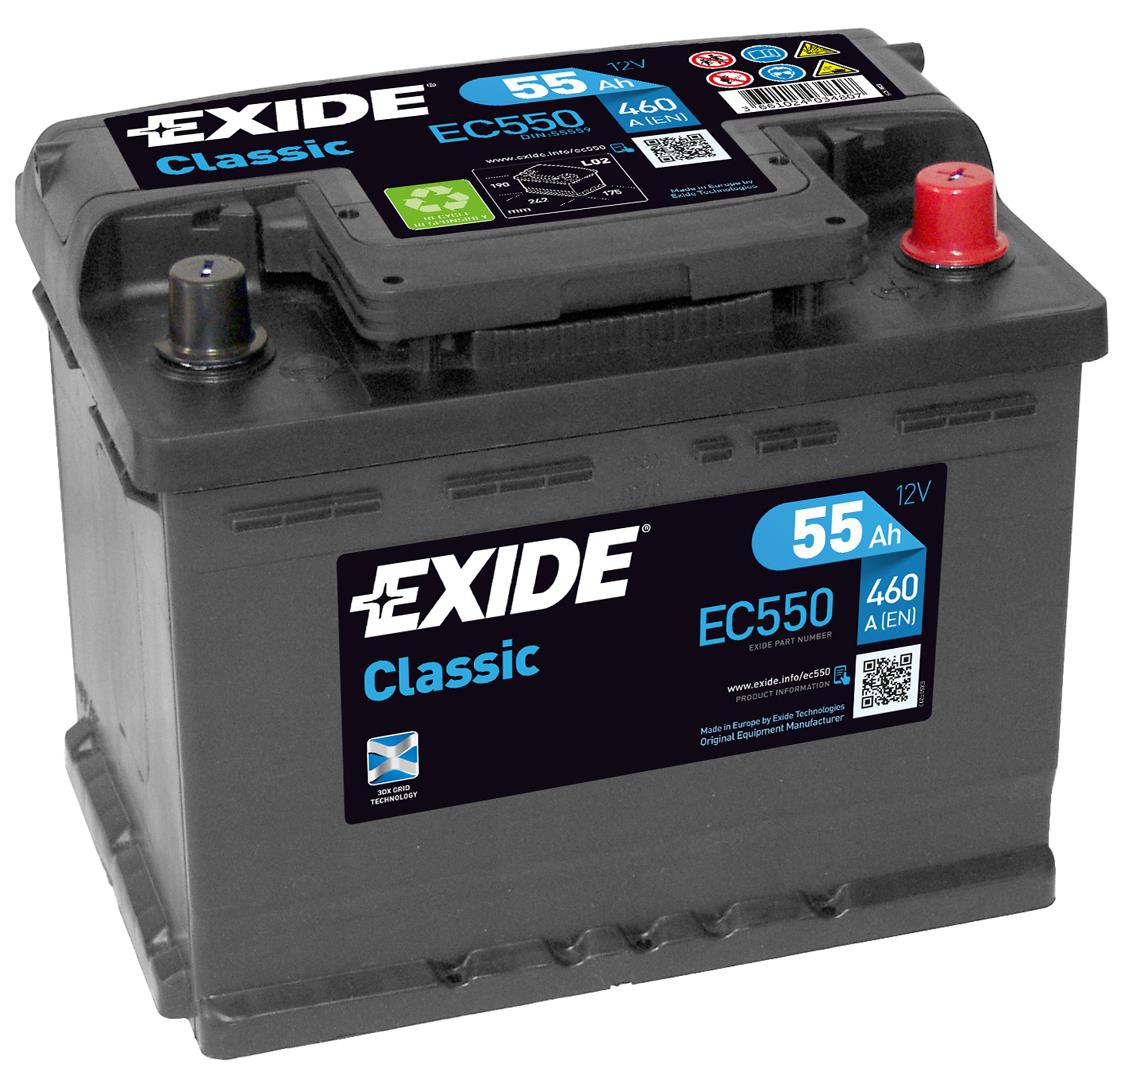 EXIDE S106-EC550 CLASSIC 55Ah 460A (- +) 242x175x190